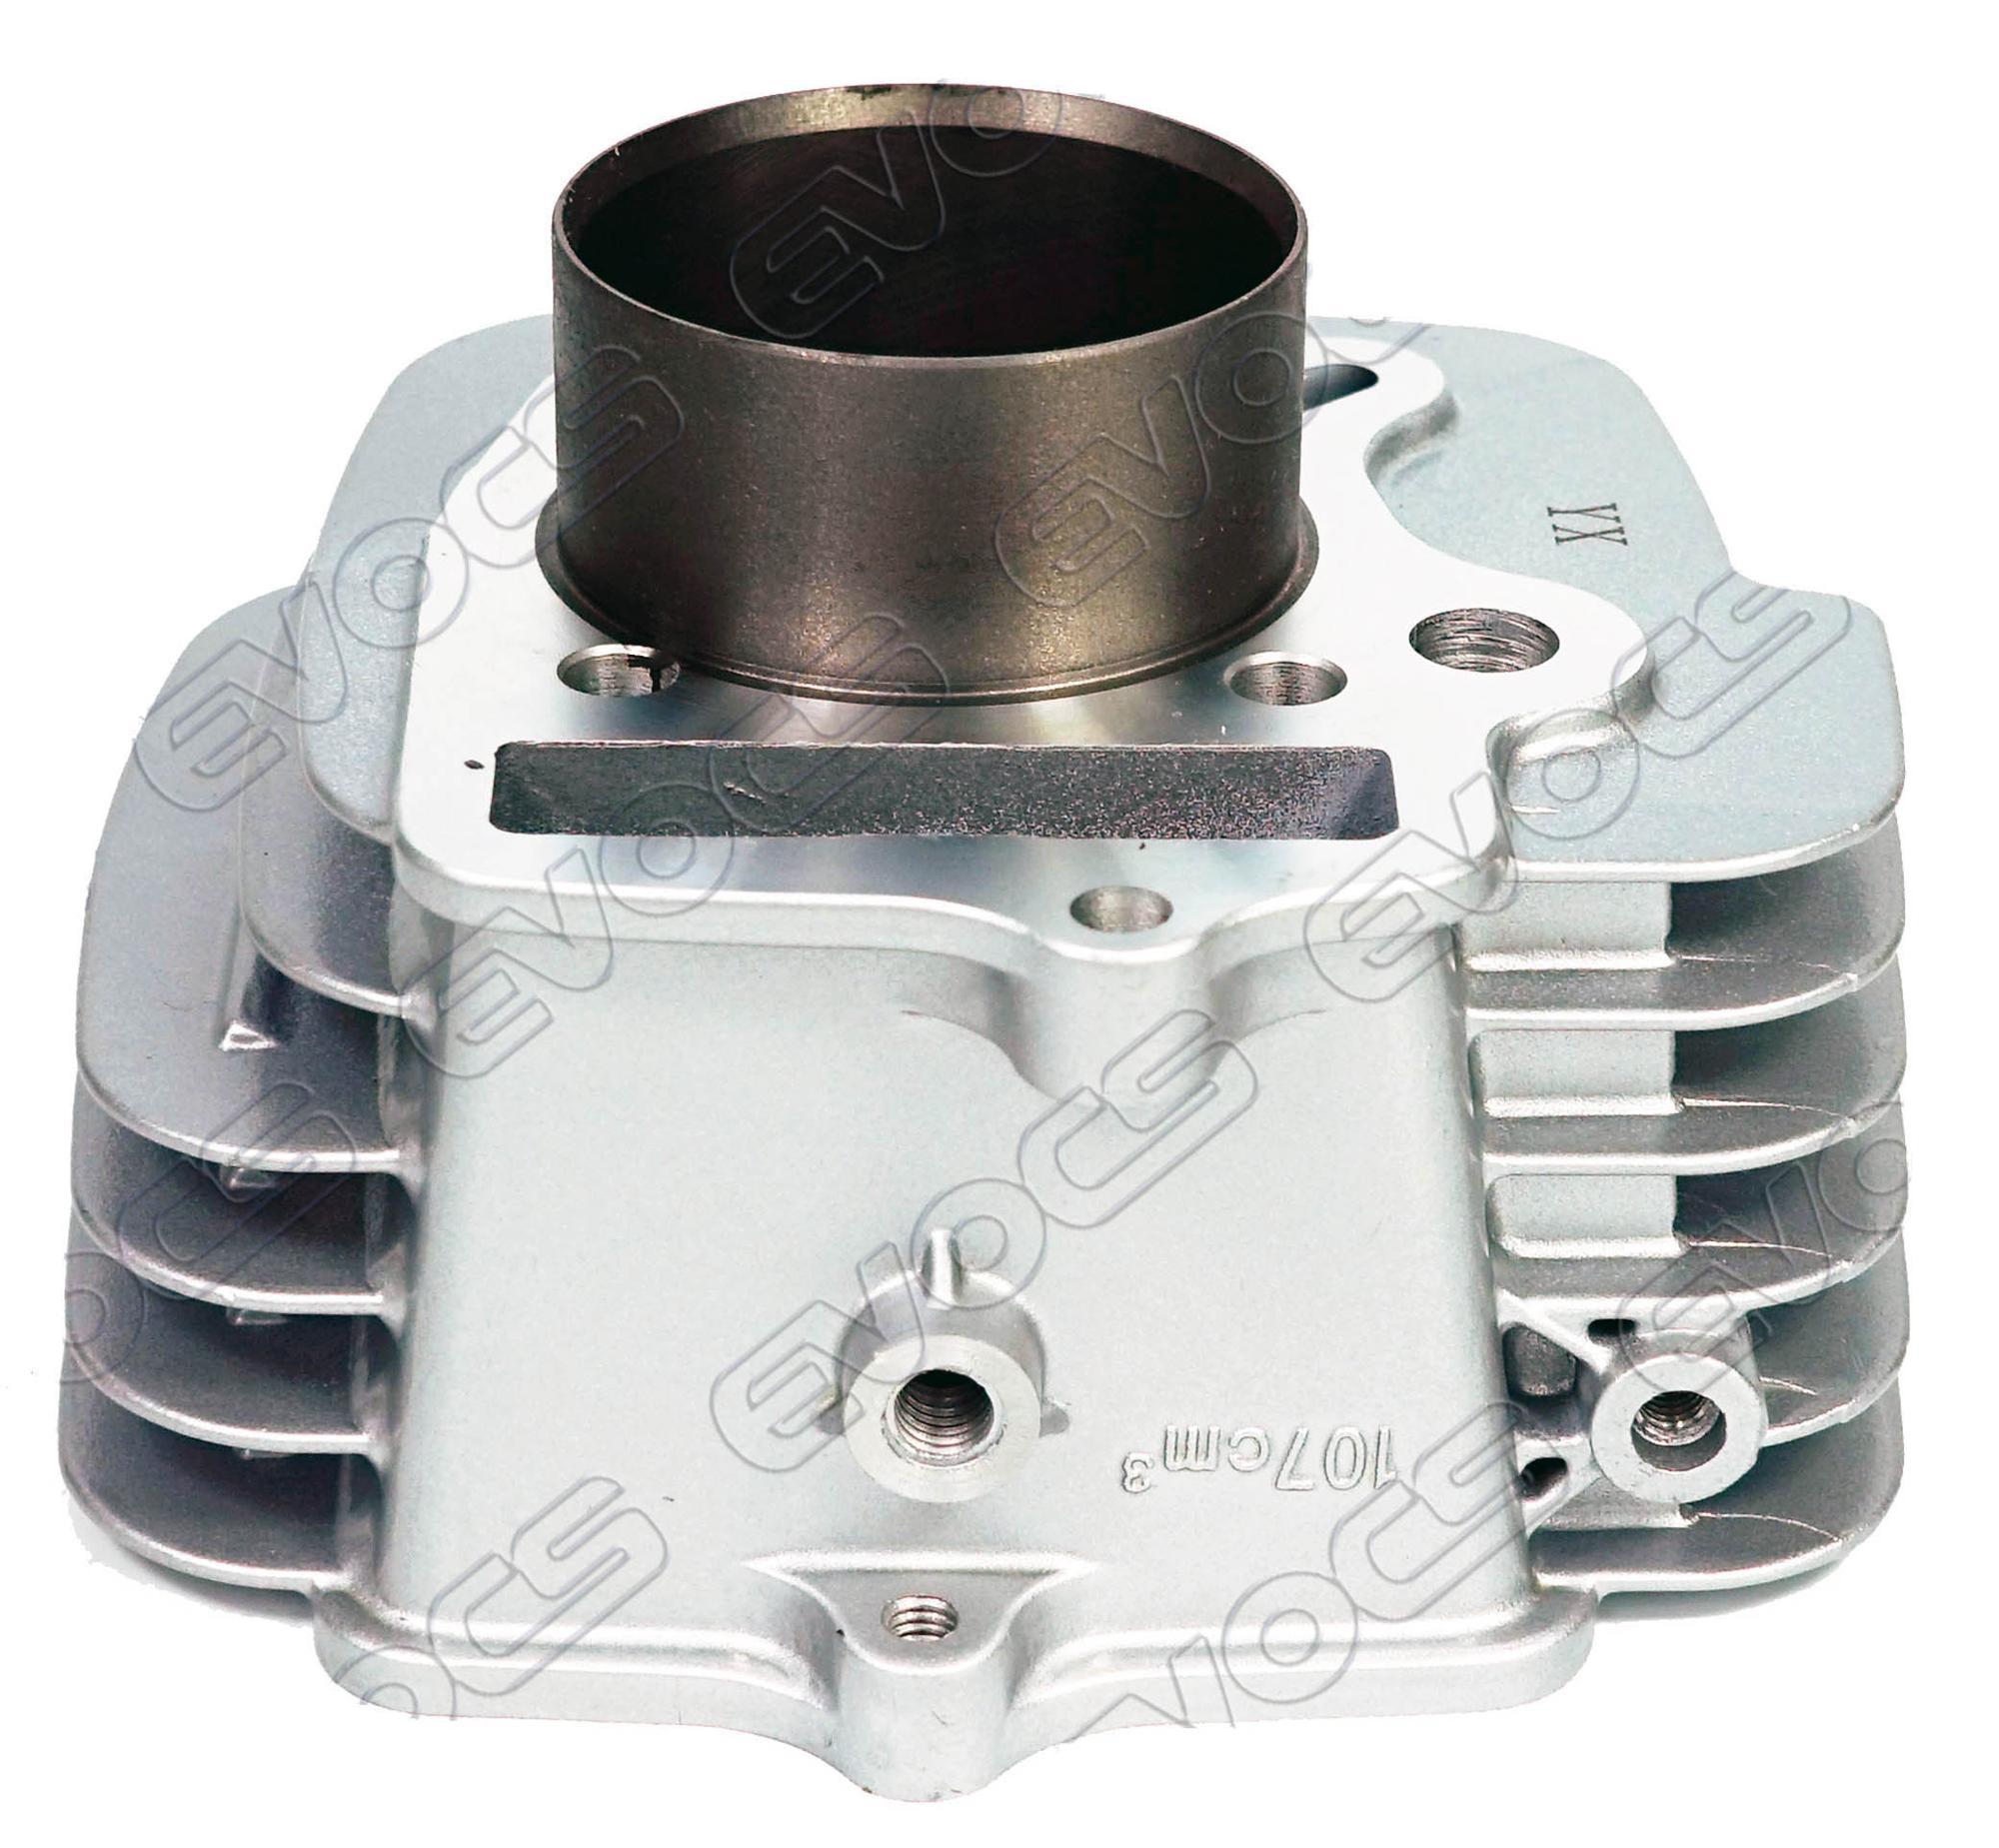 Motorcycle Aluminum Engine Cylinder Block Cd110 Motorcycle Spare Parts -  Buy Cd110 Motorcycle Aluminum Cylinder,Cd110 Motorcycle Spare  Parts,Aluminum